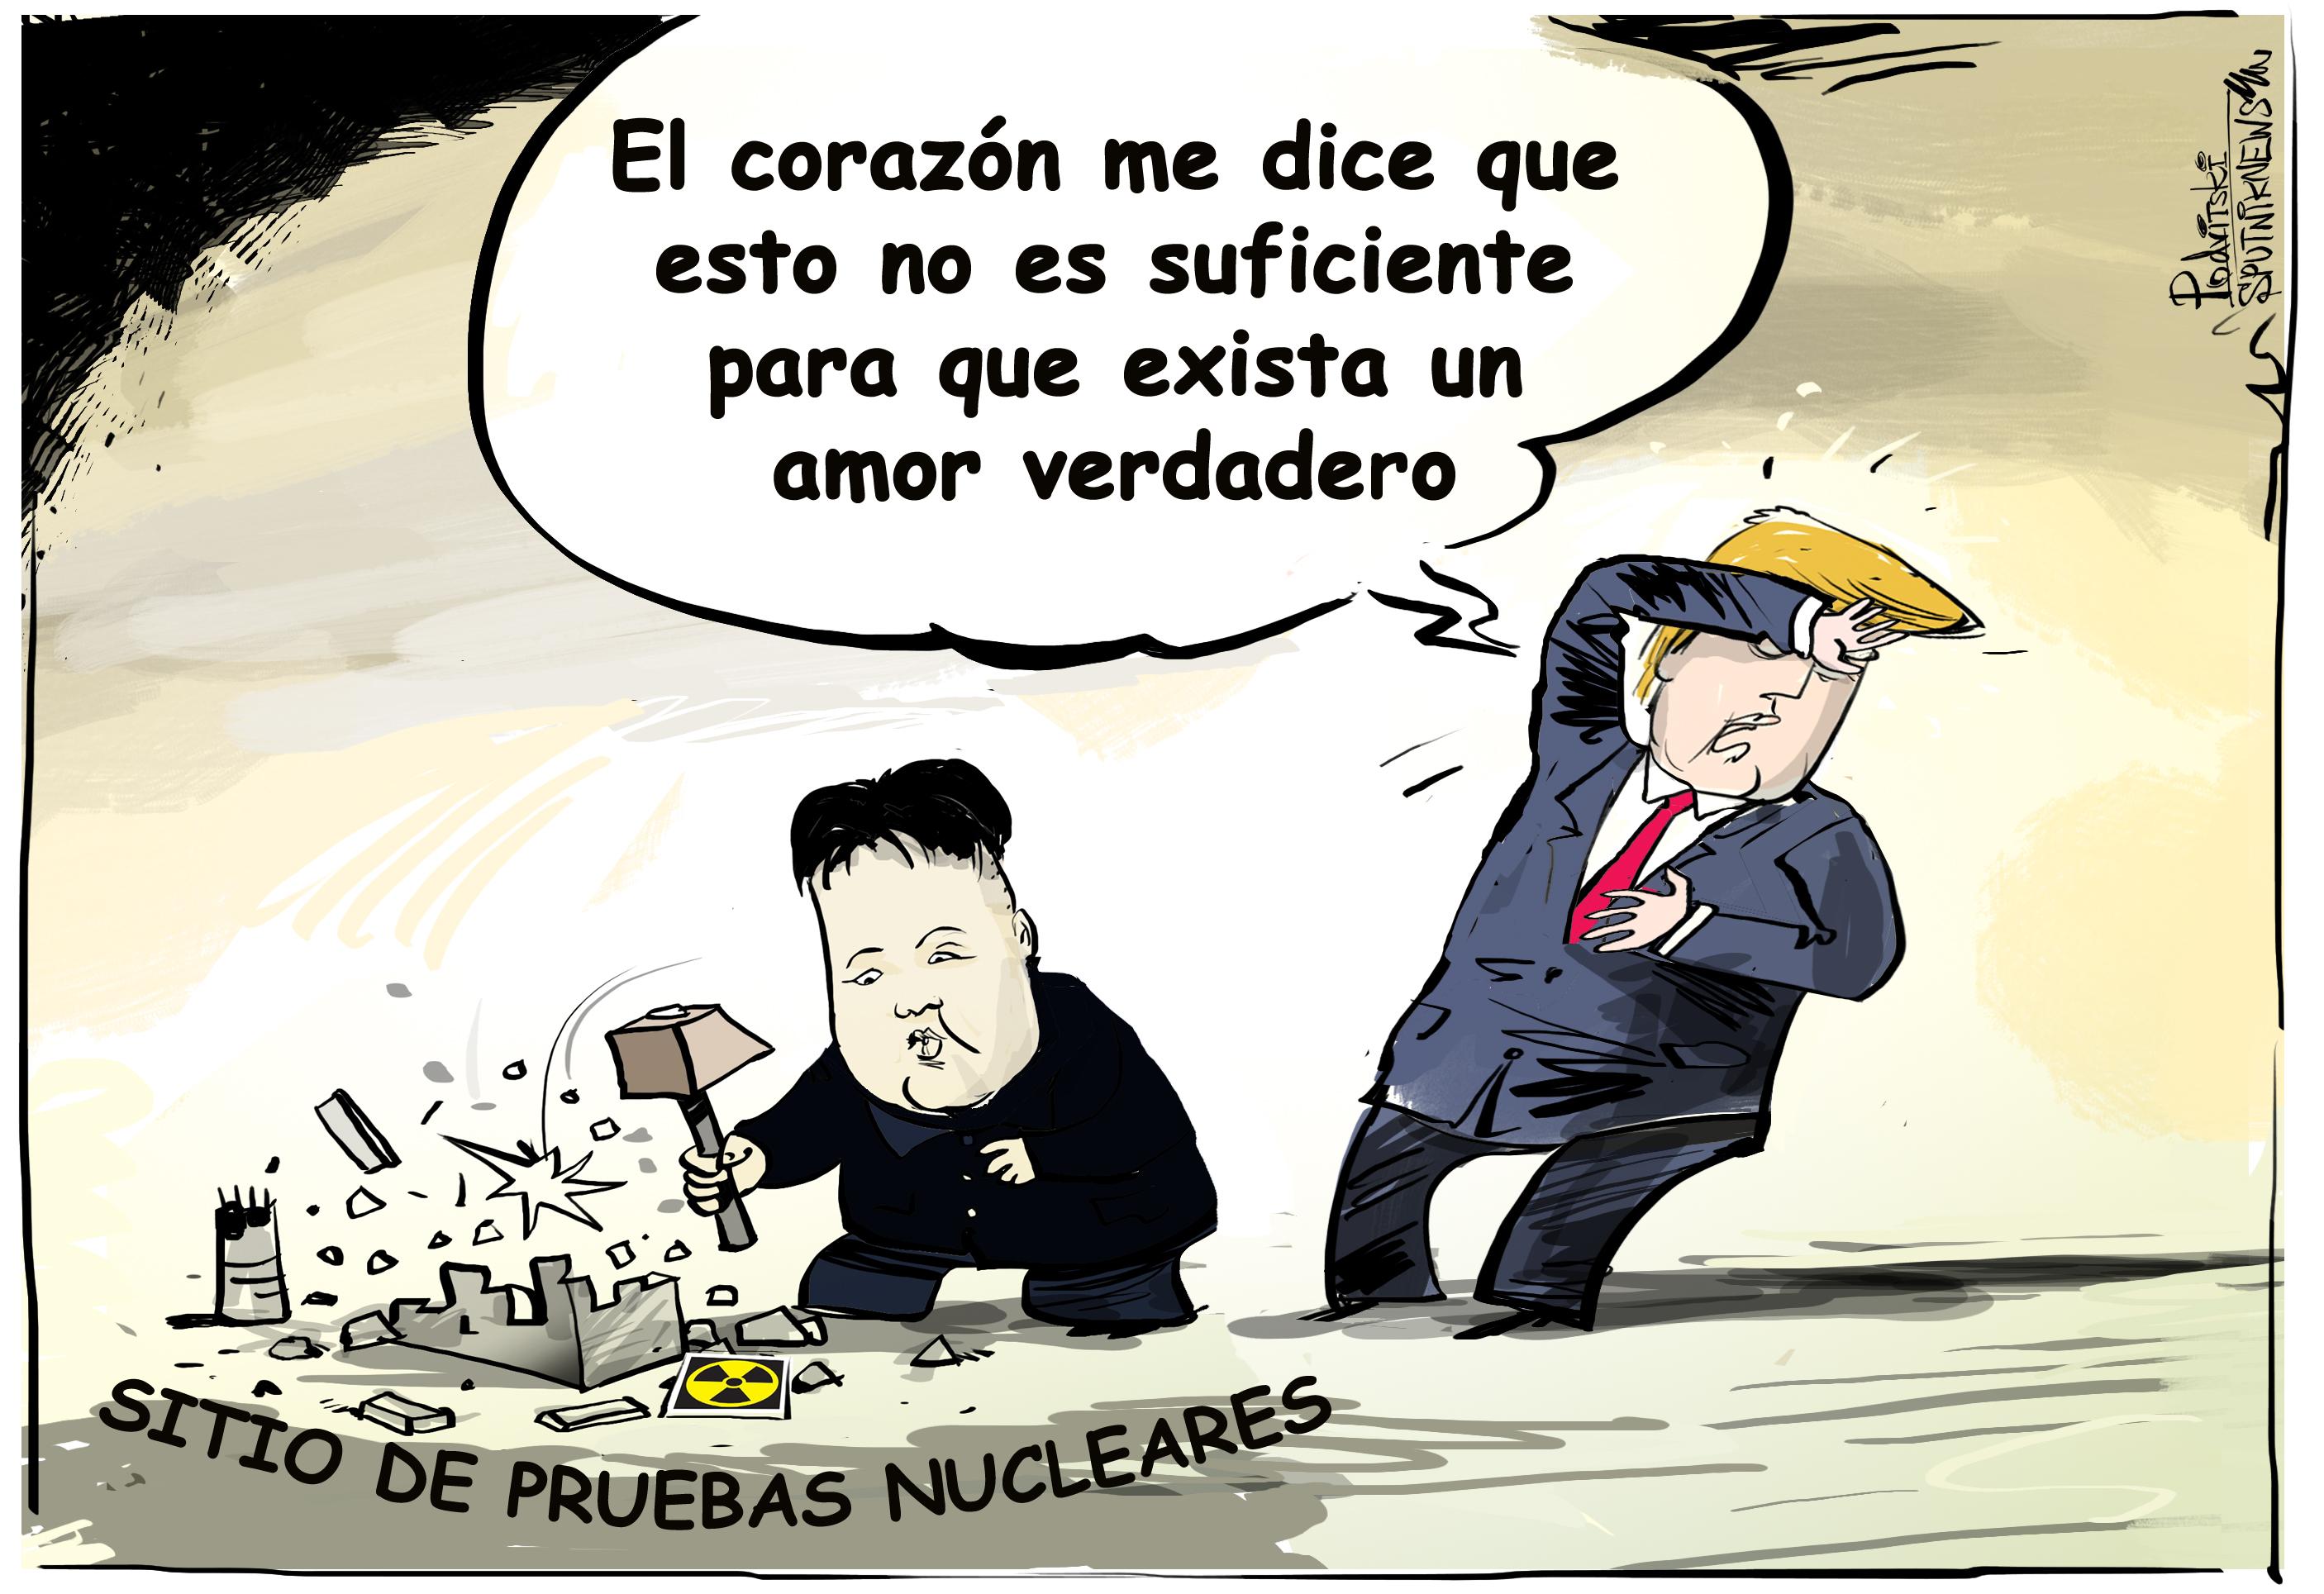 ¡No tengo ganas de encuentro! Trump decide cancelar su reunión con Kim Jong-un